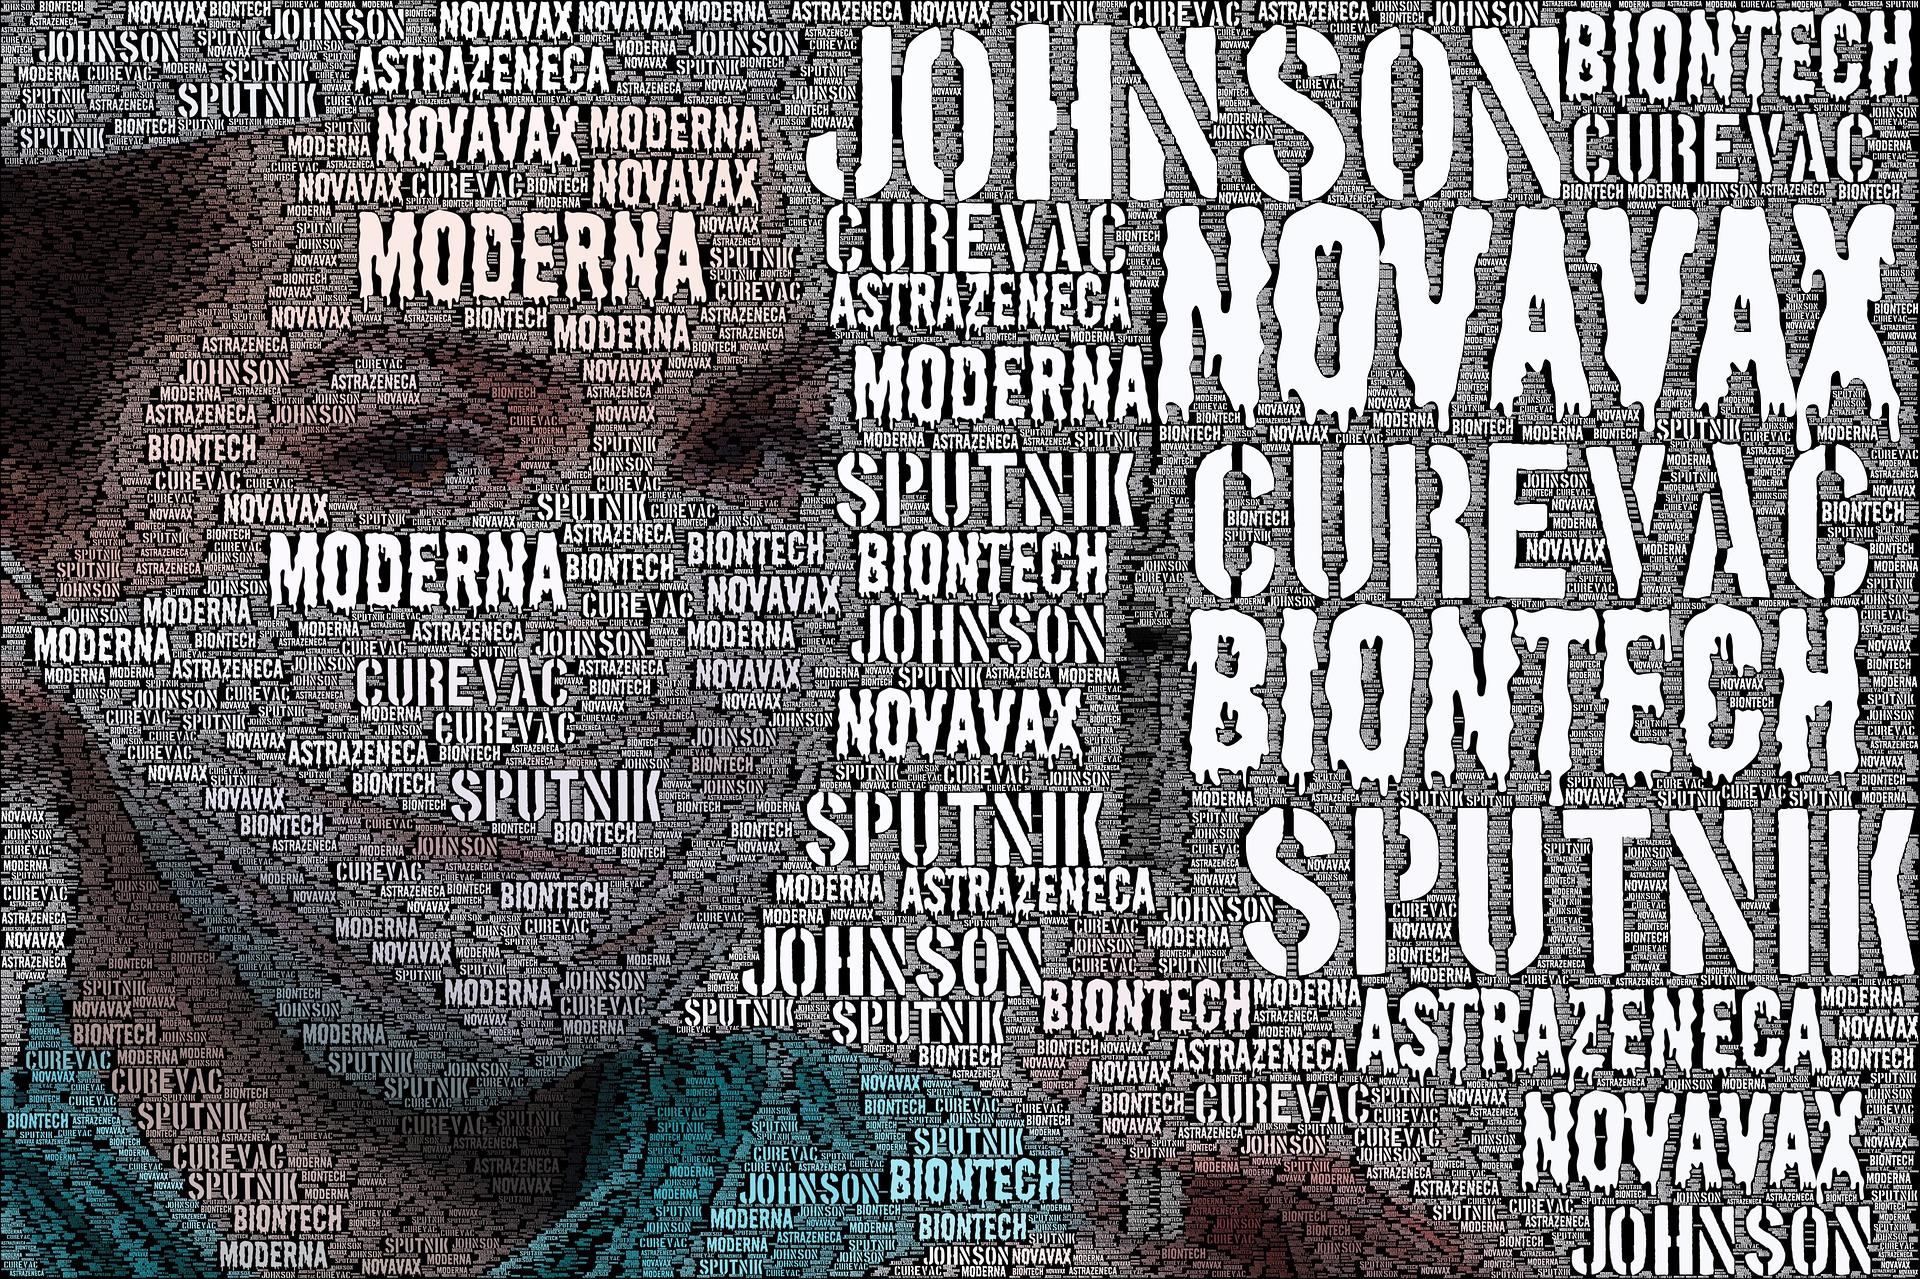 AstraZeneca, Pfizer-BioNTech, Serum Institute of India deliver 38 million vaccines